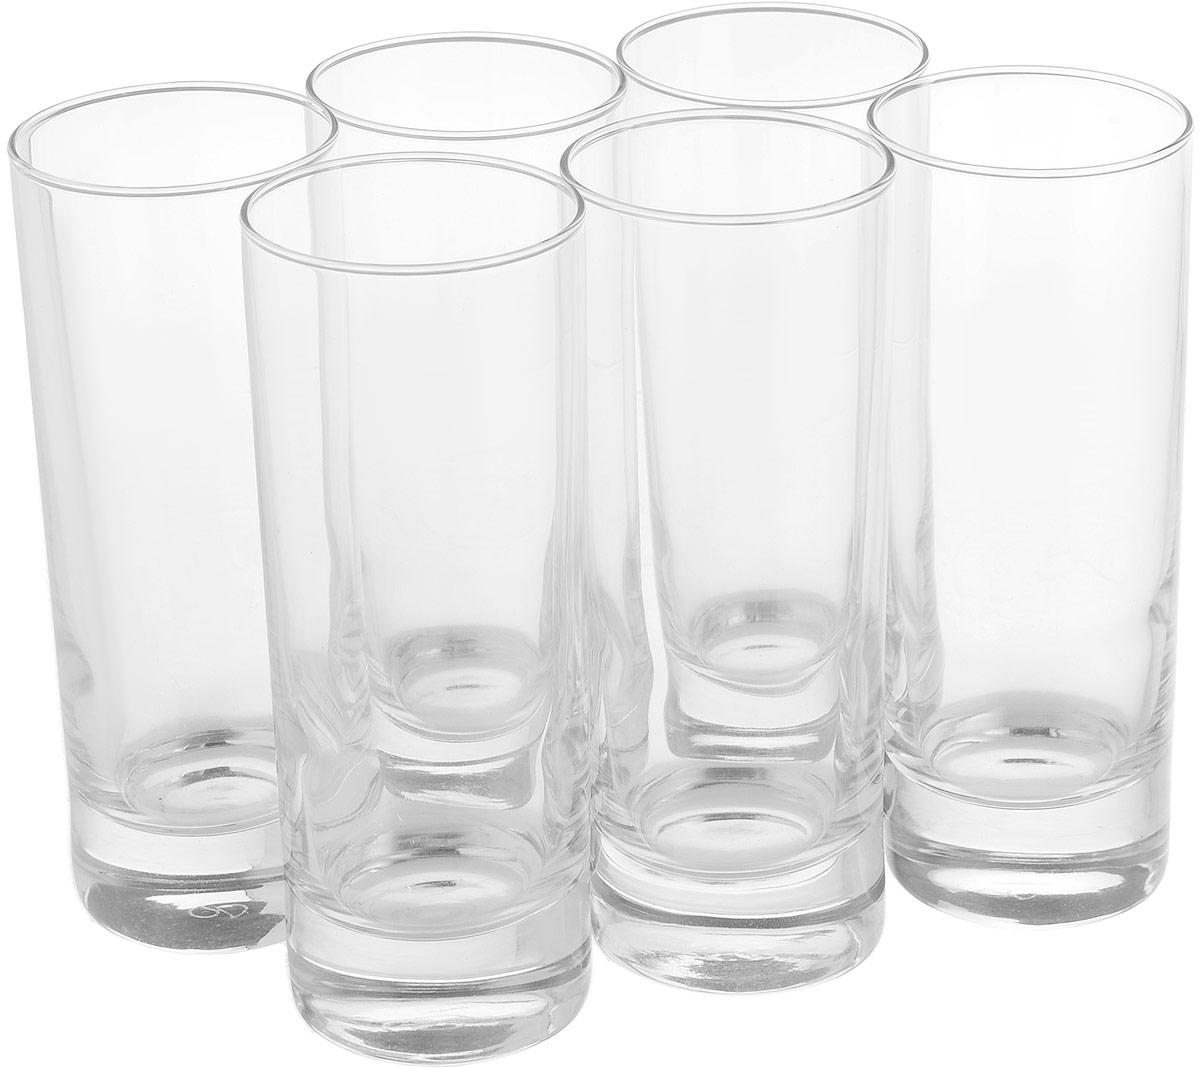 Набор стаканов Pasabahce Сиде, 215 мл, 6 шт dans v 1600cc pasabahce 6 996038